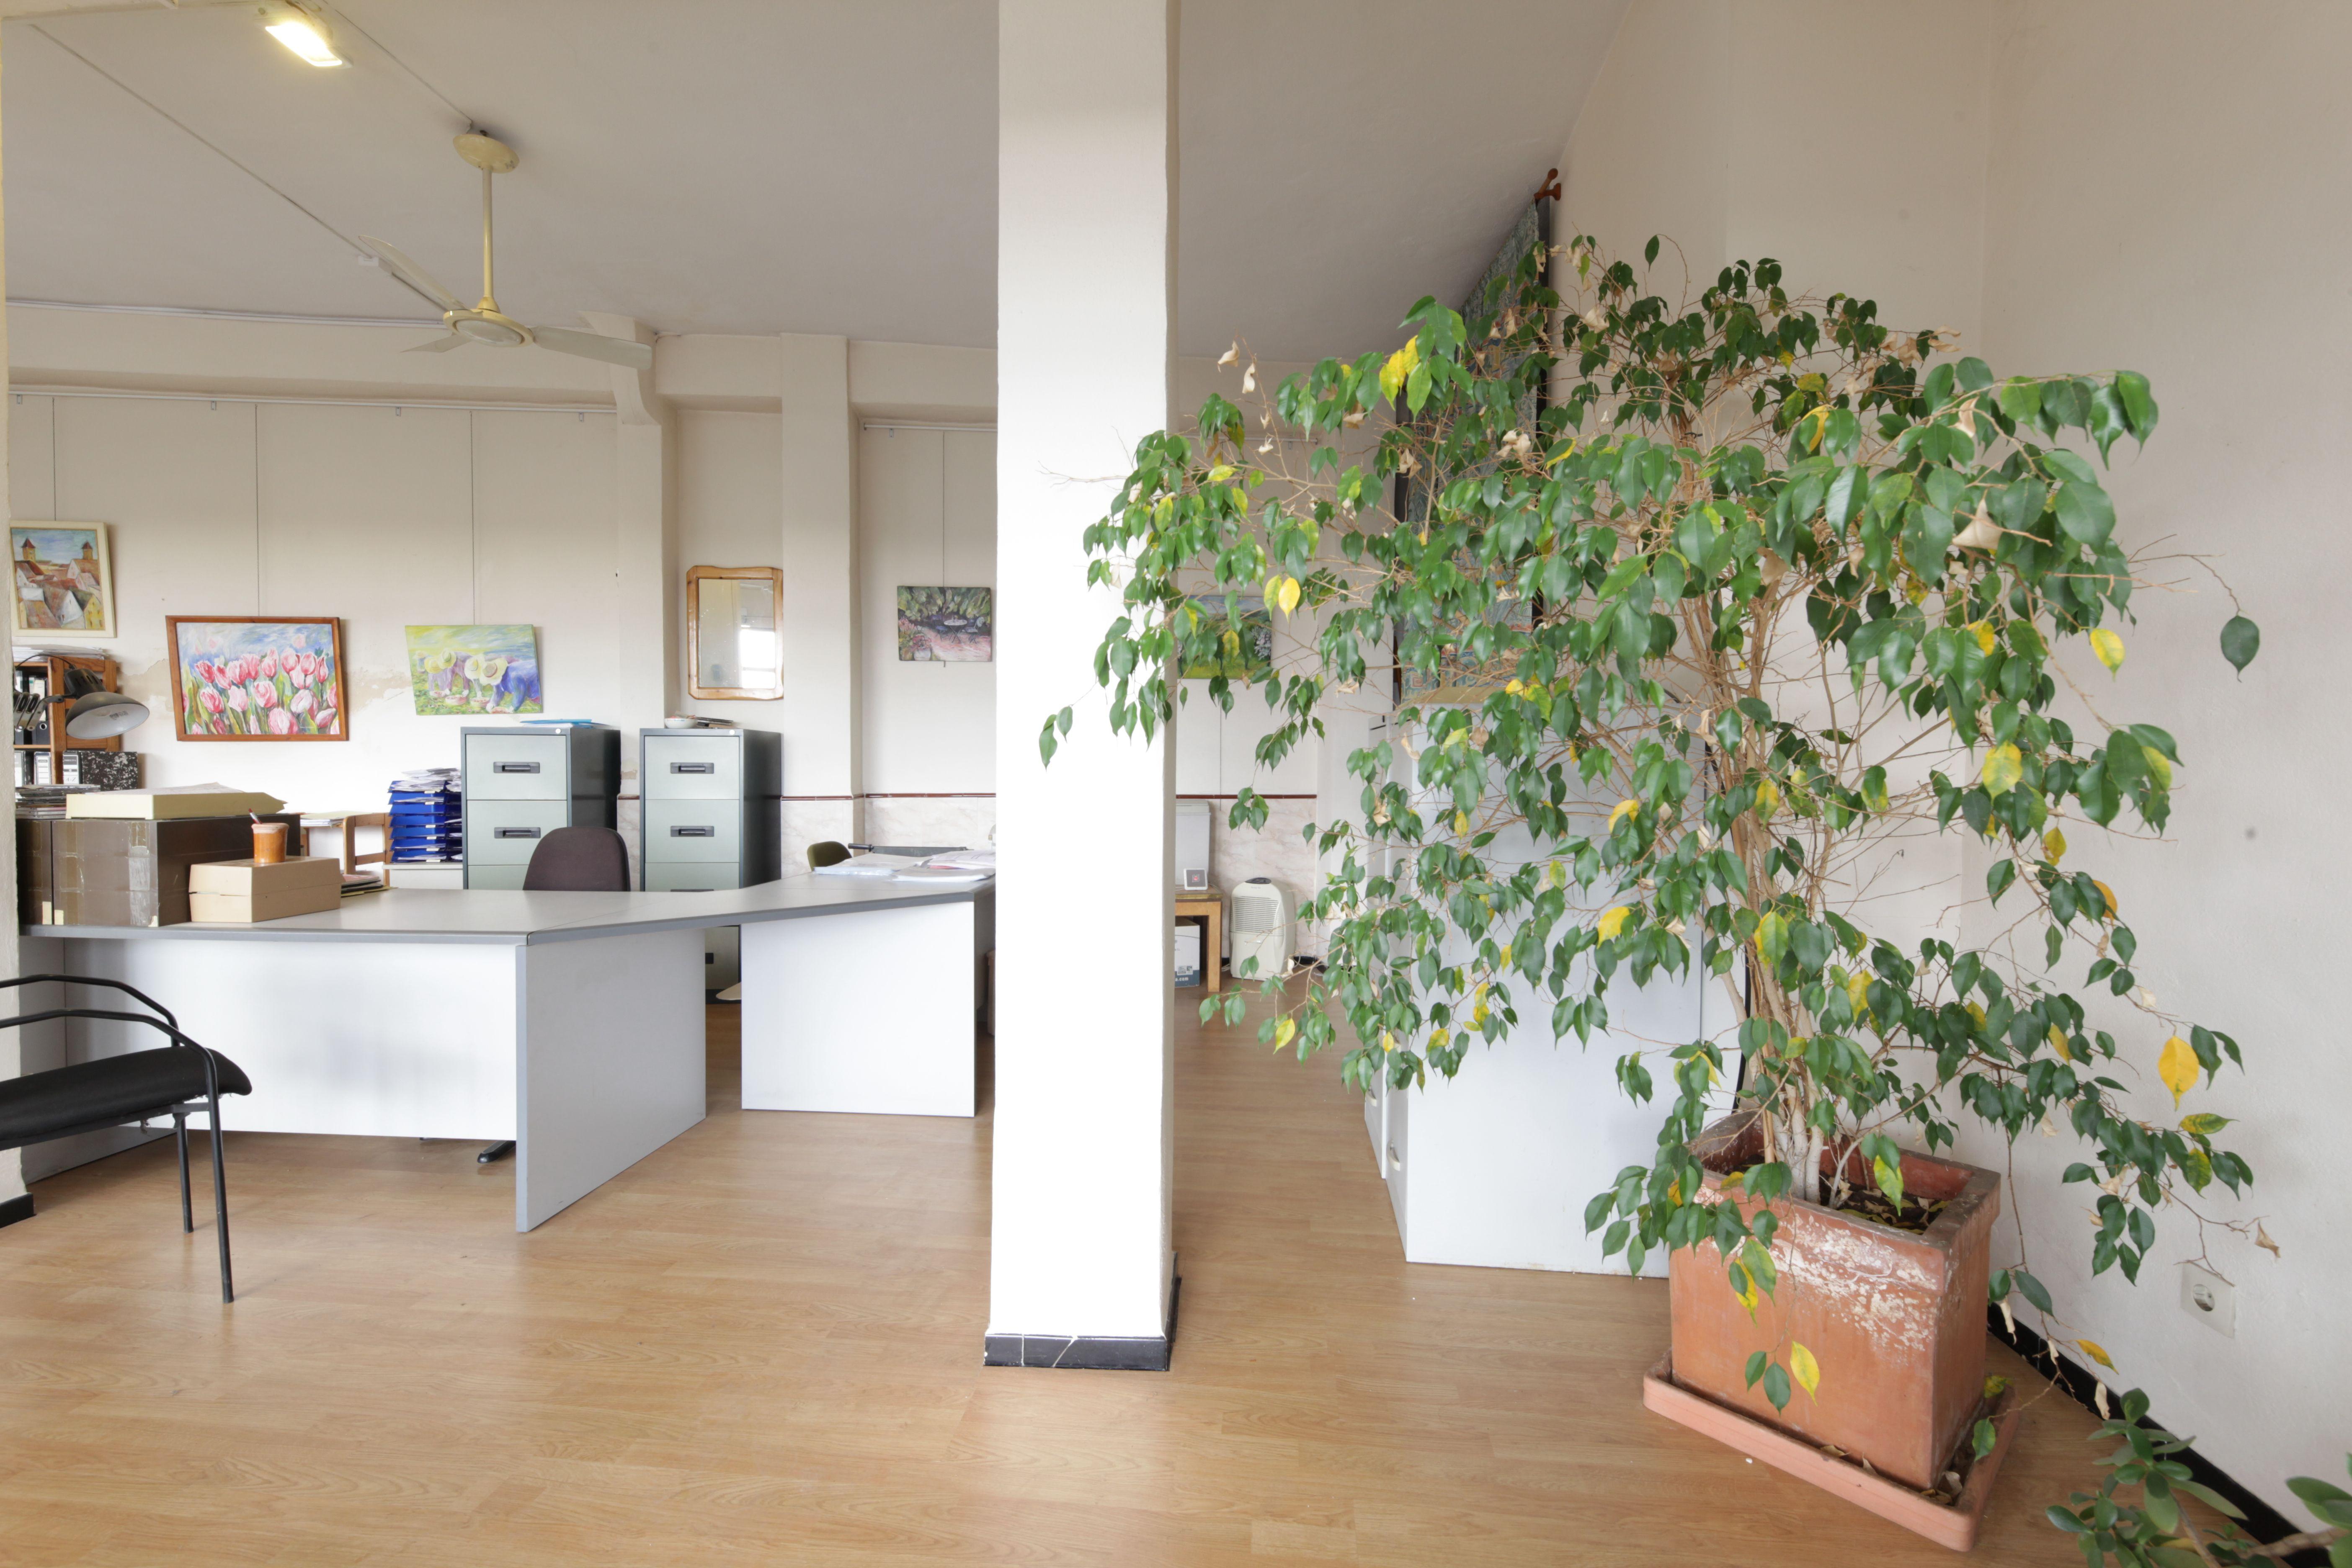 Foto 4 de Inmobiliaria en Llucmajor | Inmobiliaria Llucmajor